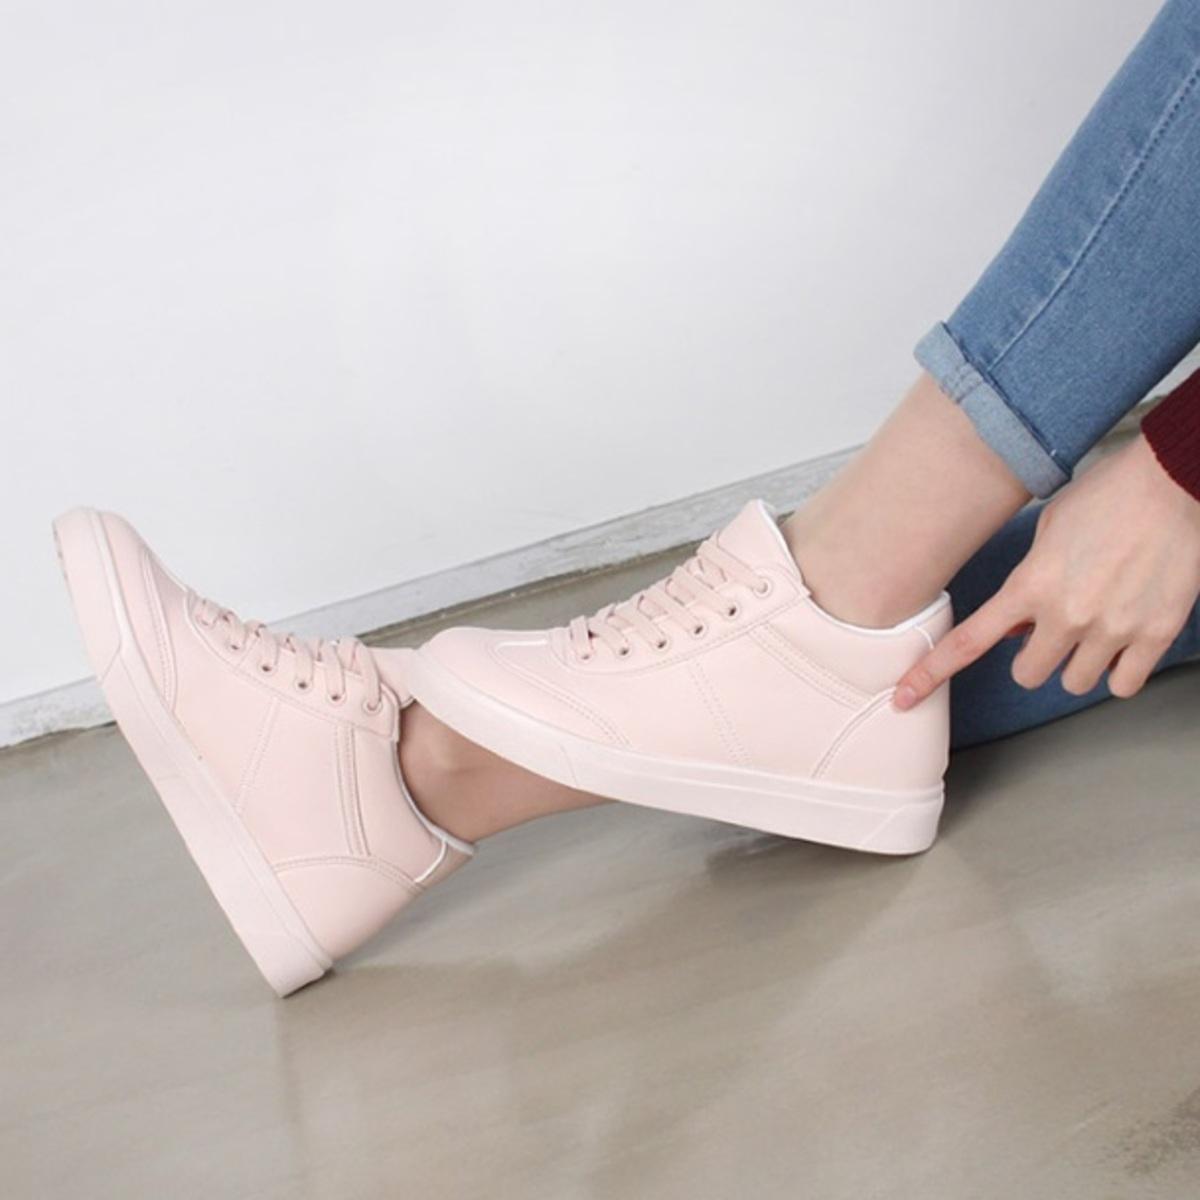 KR-Mesi Sneakers